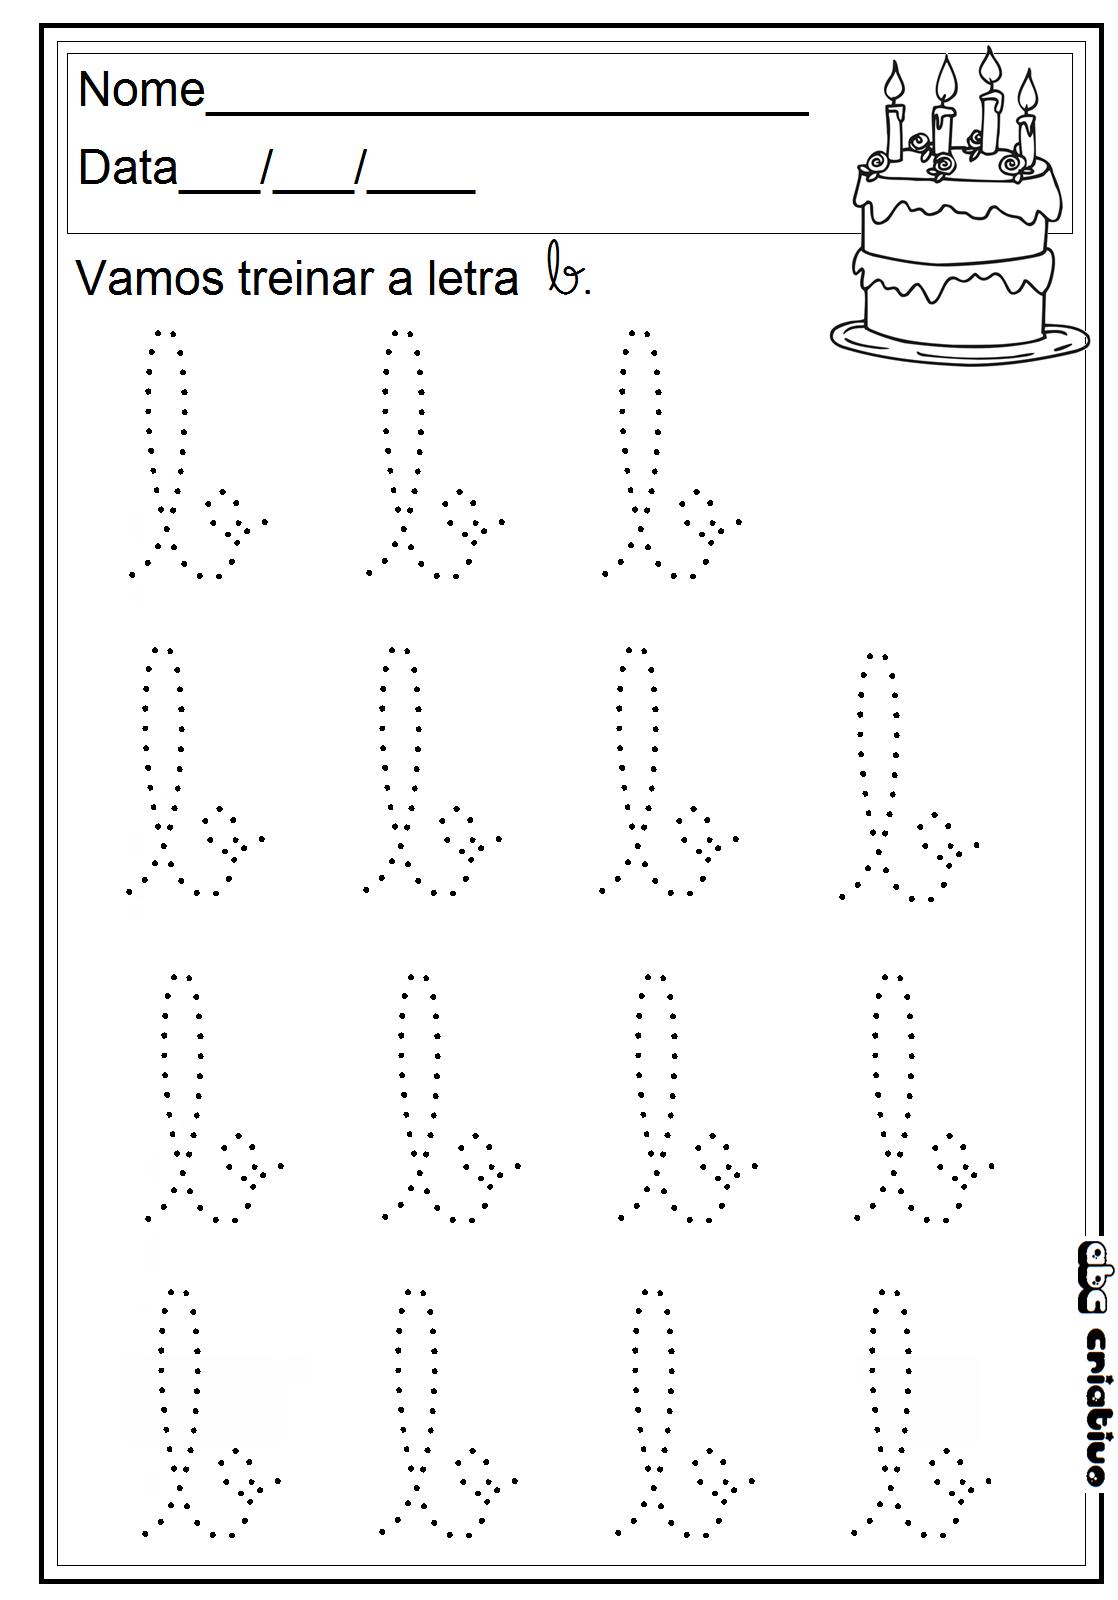 ATIVIDADES DE EDUCAÇÃO INFANTIL E MUSICALIZAÇÃO INFANTIL: Alfabeto ...